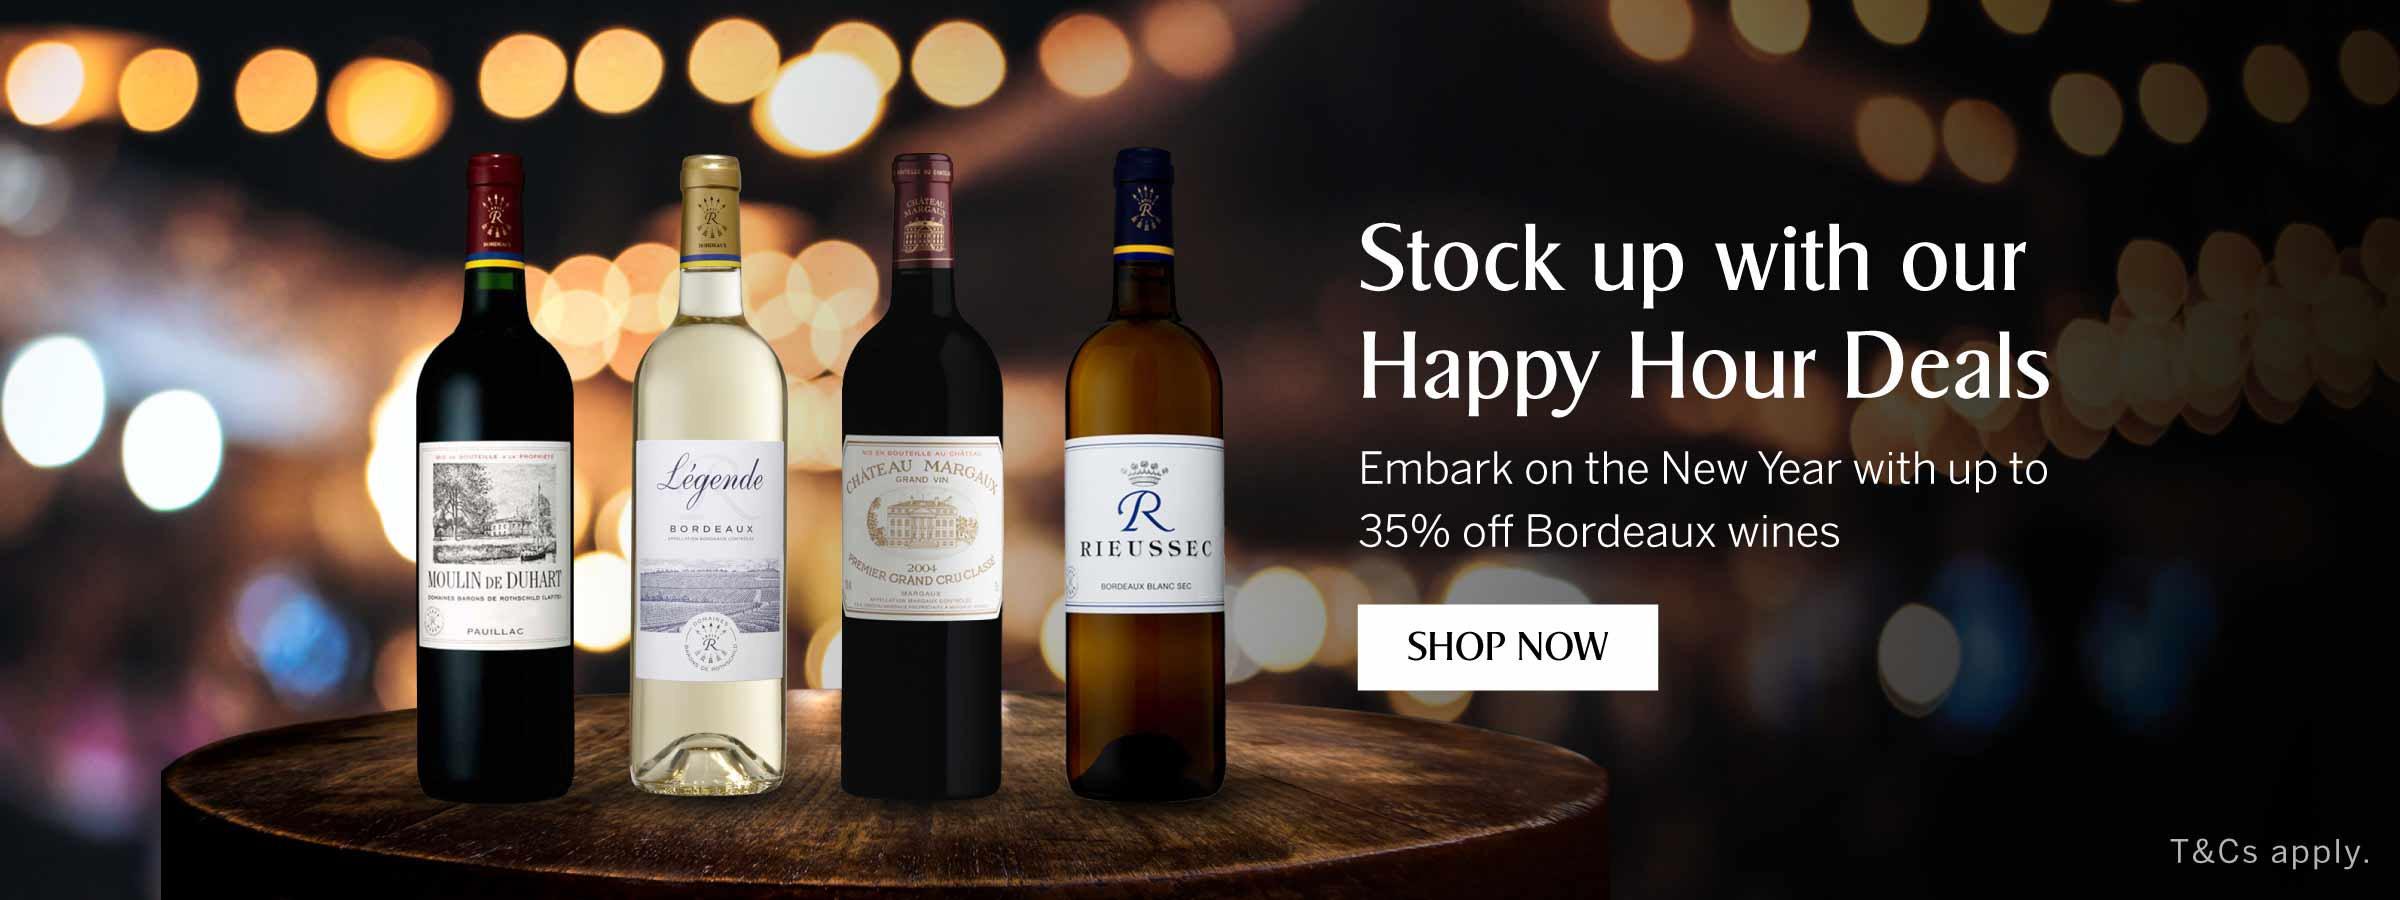 KrisShop Happy Hour Deals - Up to 35% off Bordeaux Wines